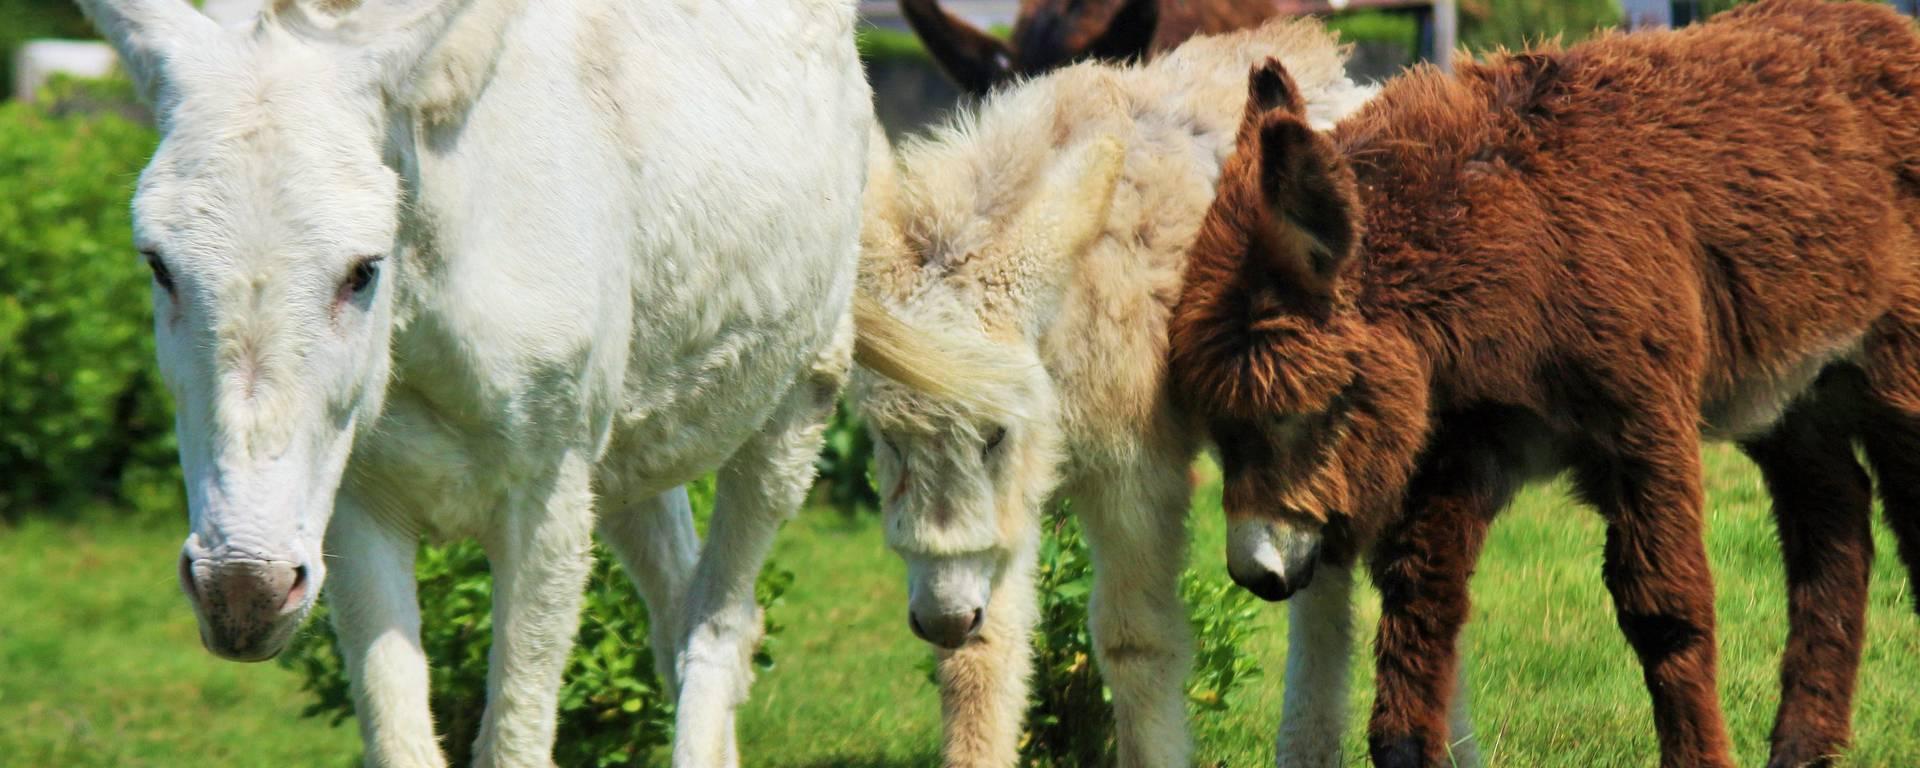 Les ânes de l'Île de Ré, Saint-Martin-de-Ré